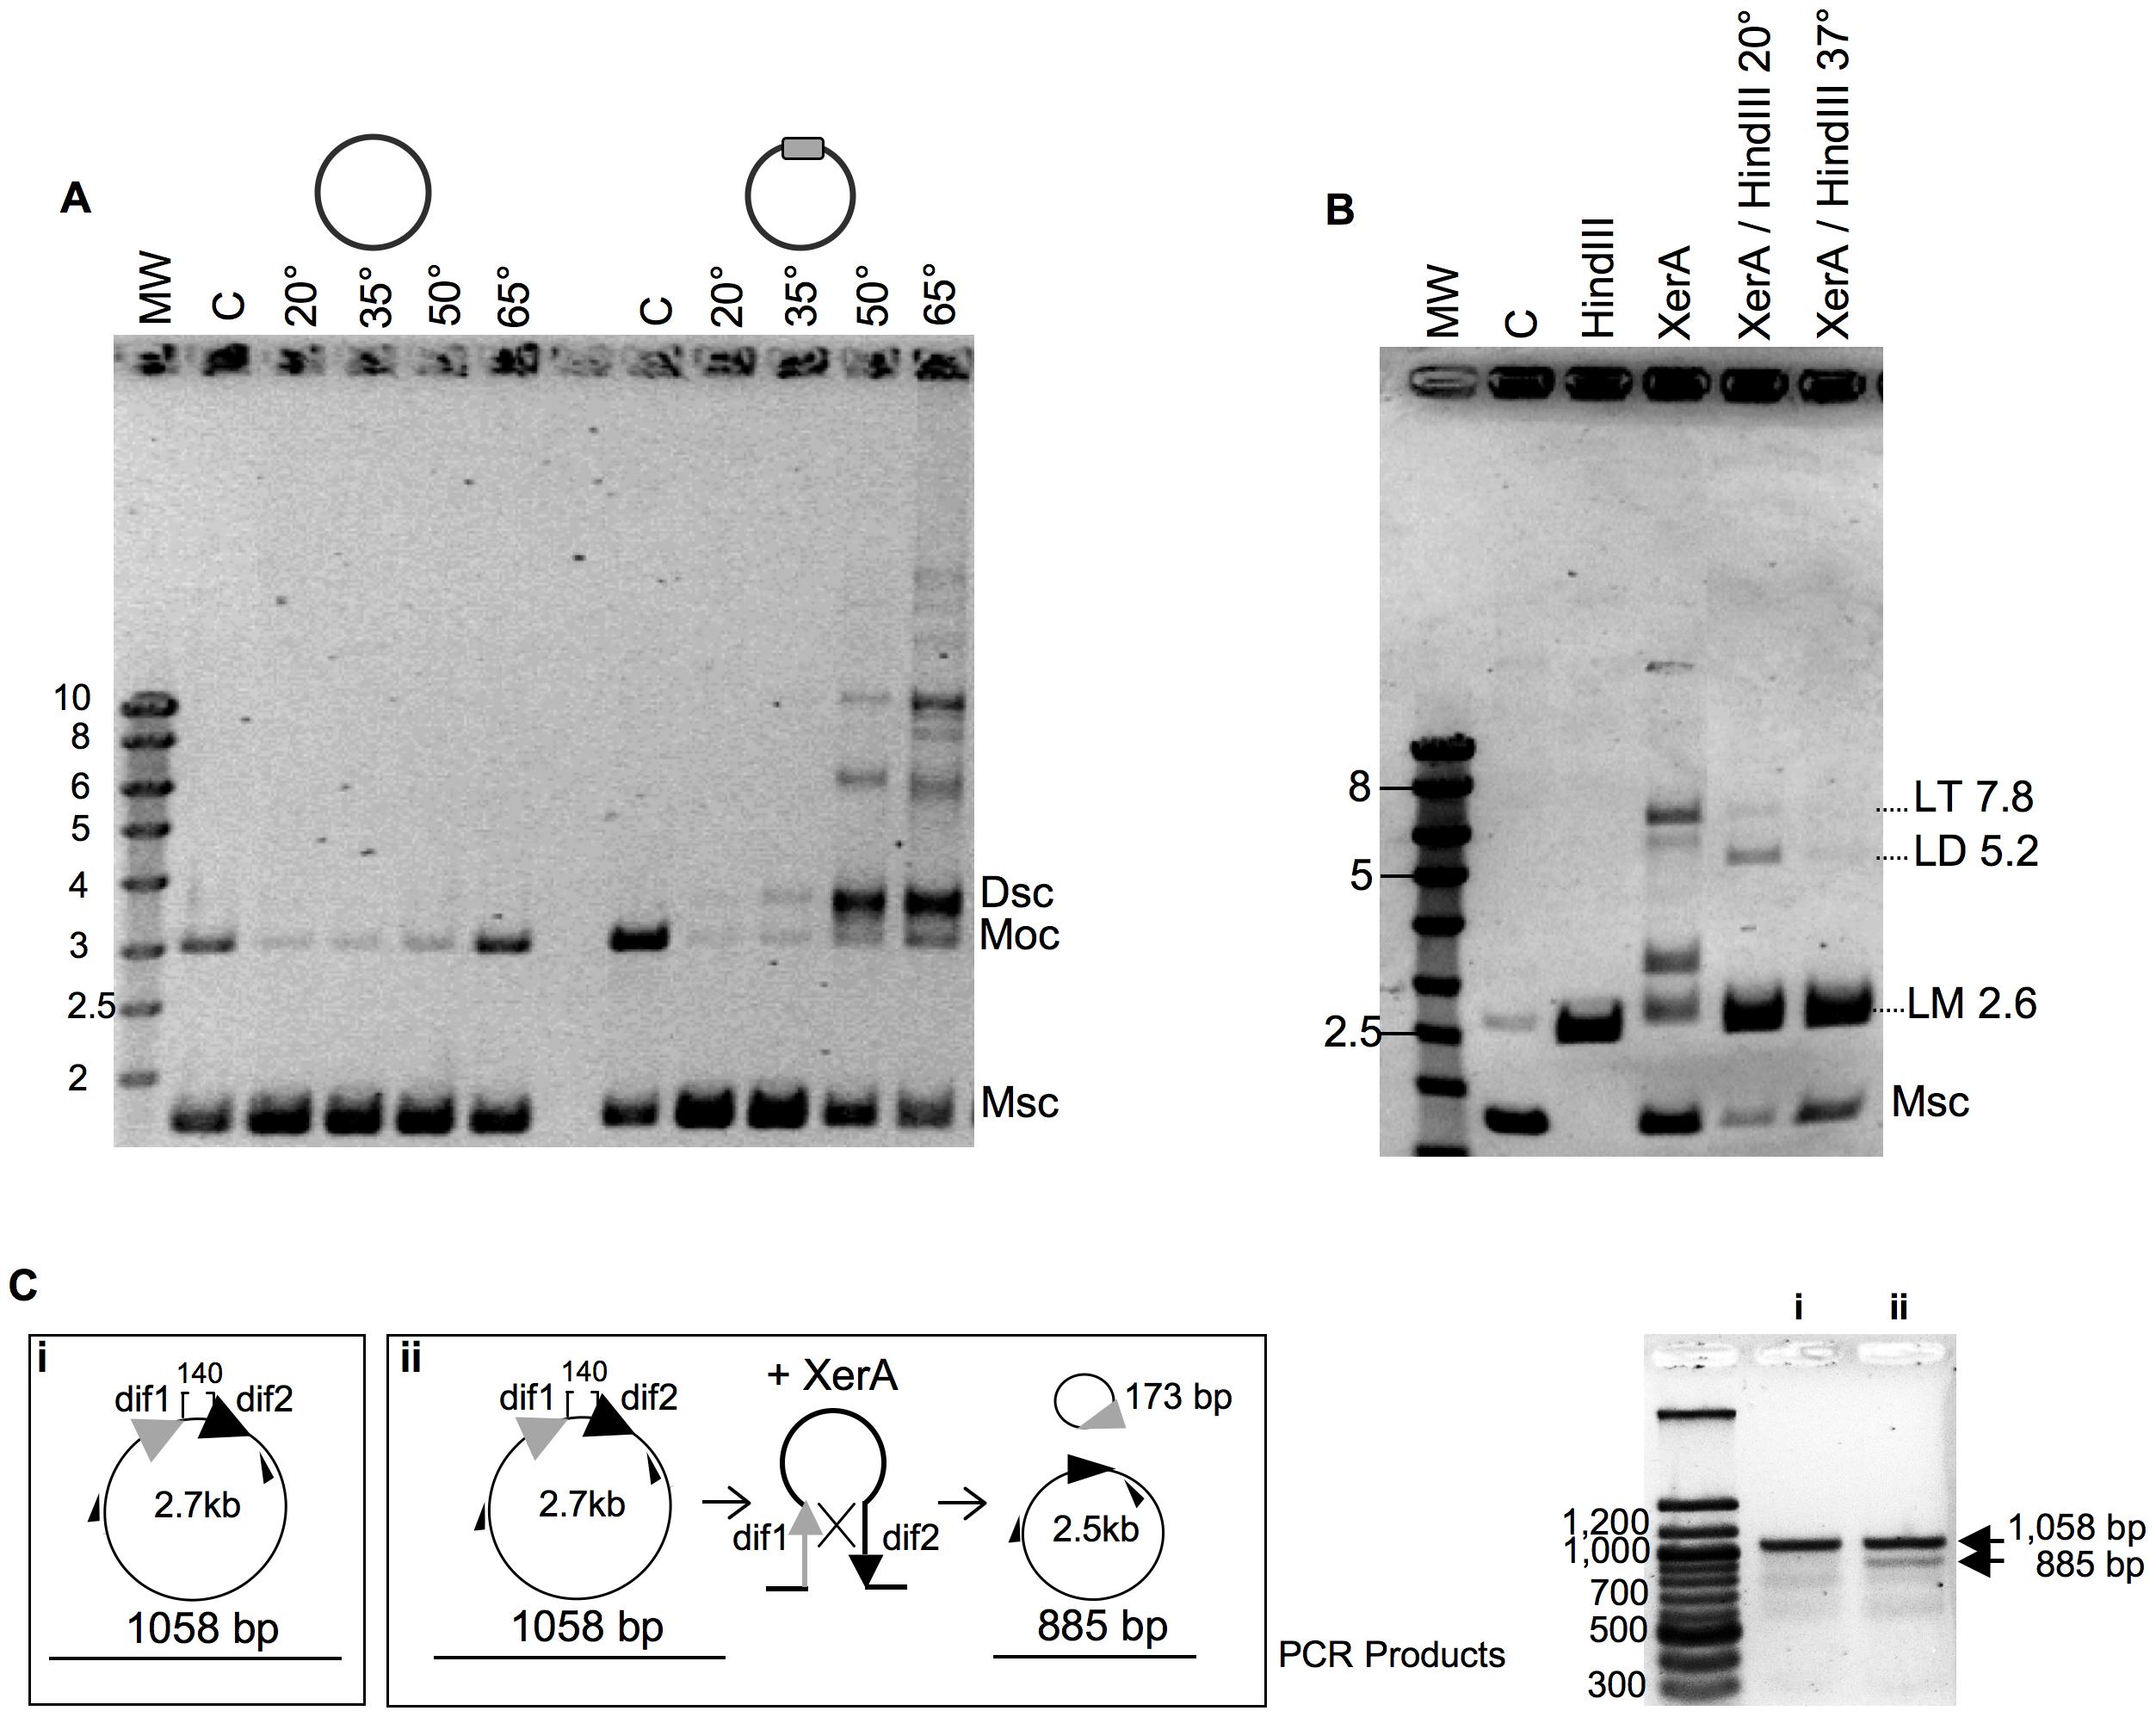 Recombination activity of <i>P. abyssi</i> XerA.